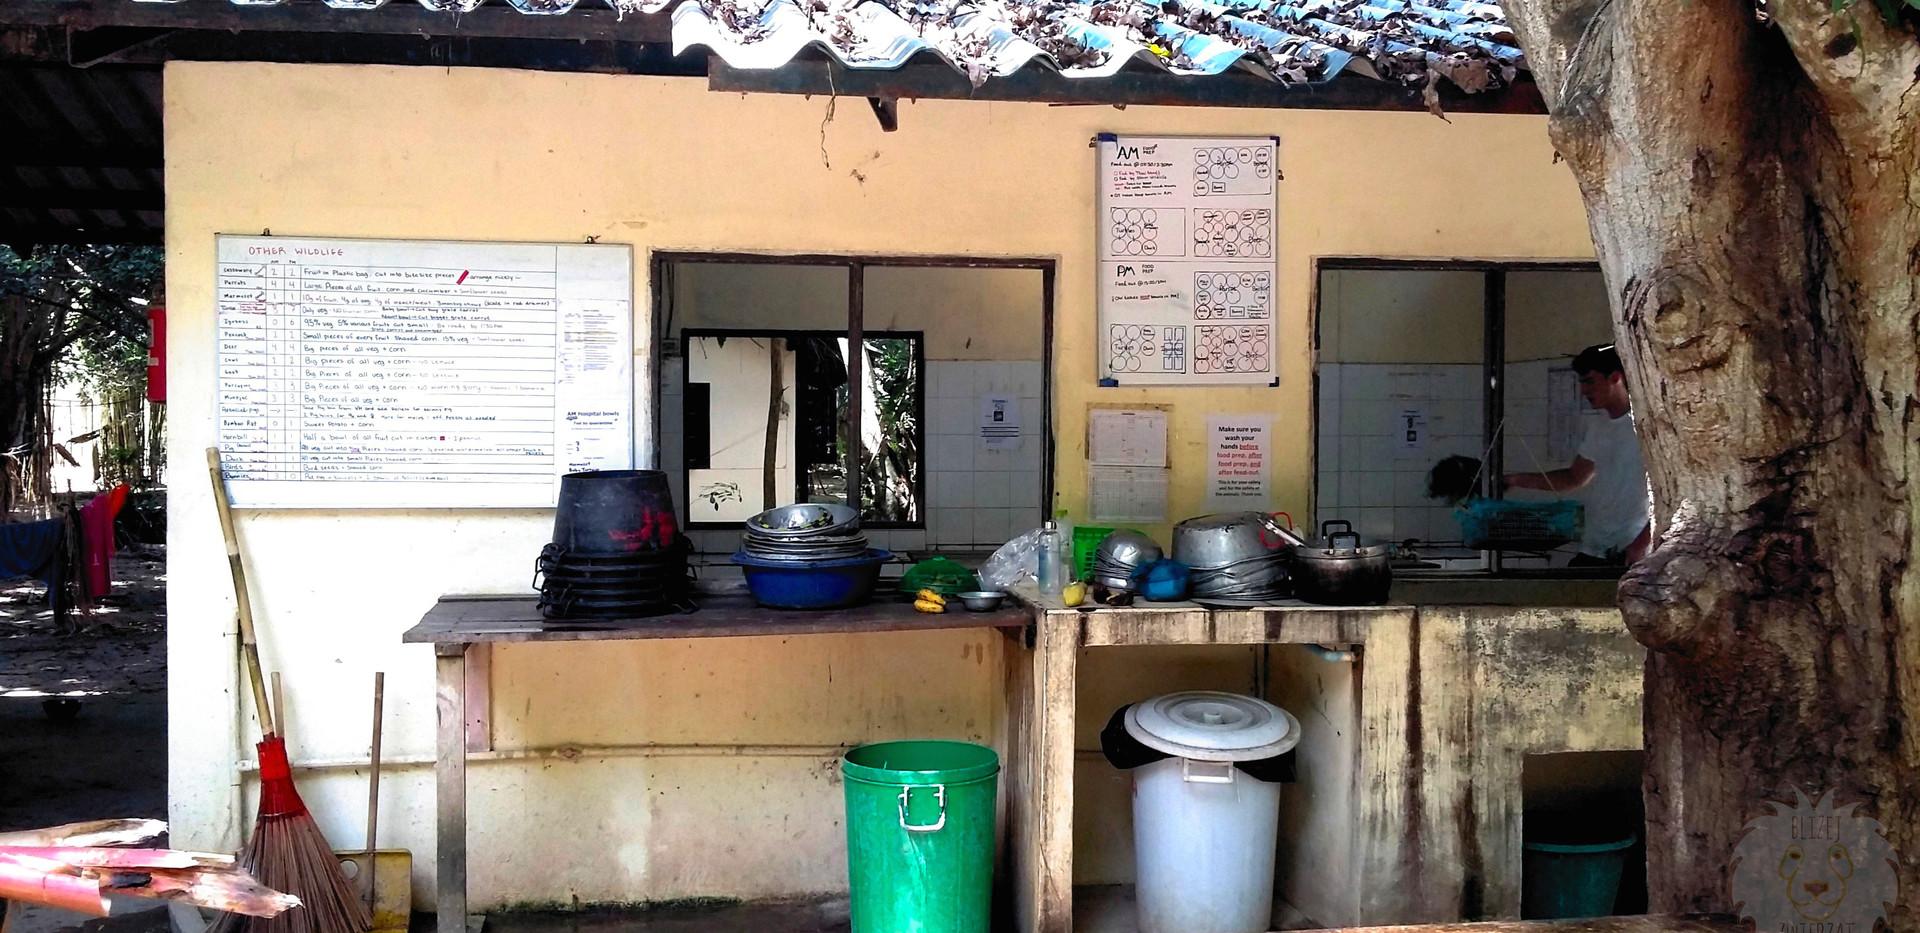 Kuchnia dla zwierząt 2